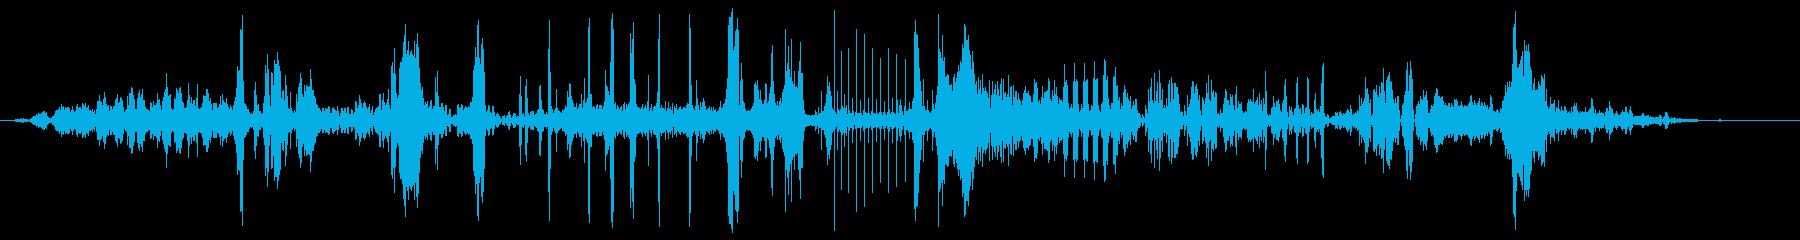 トランスフォーマーロボット:中:変...の再生済みの波形